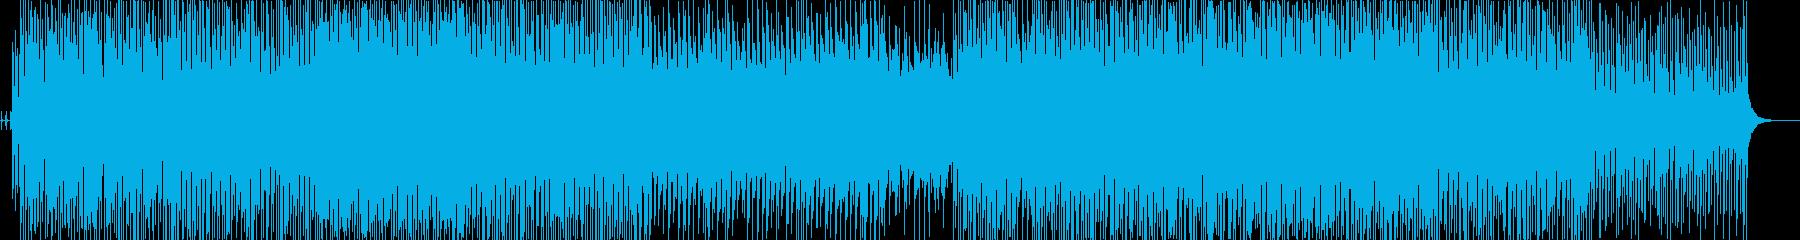 三味線のノリが良くかっこいい和風テクノの再生済みの波形